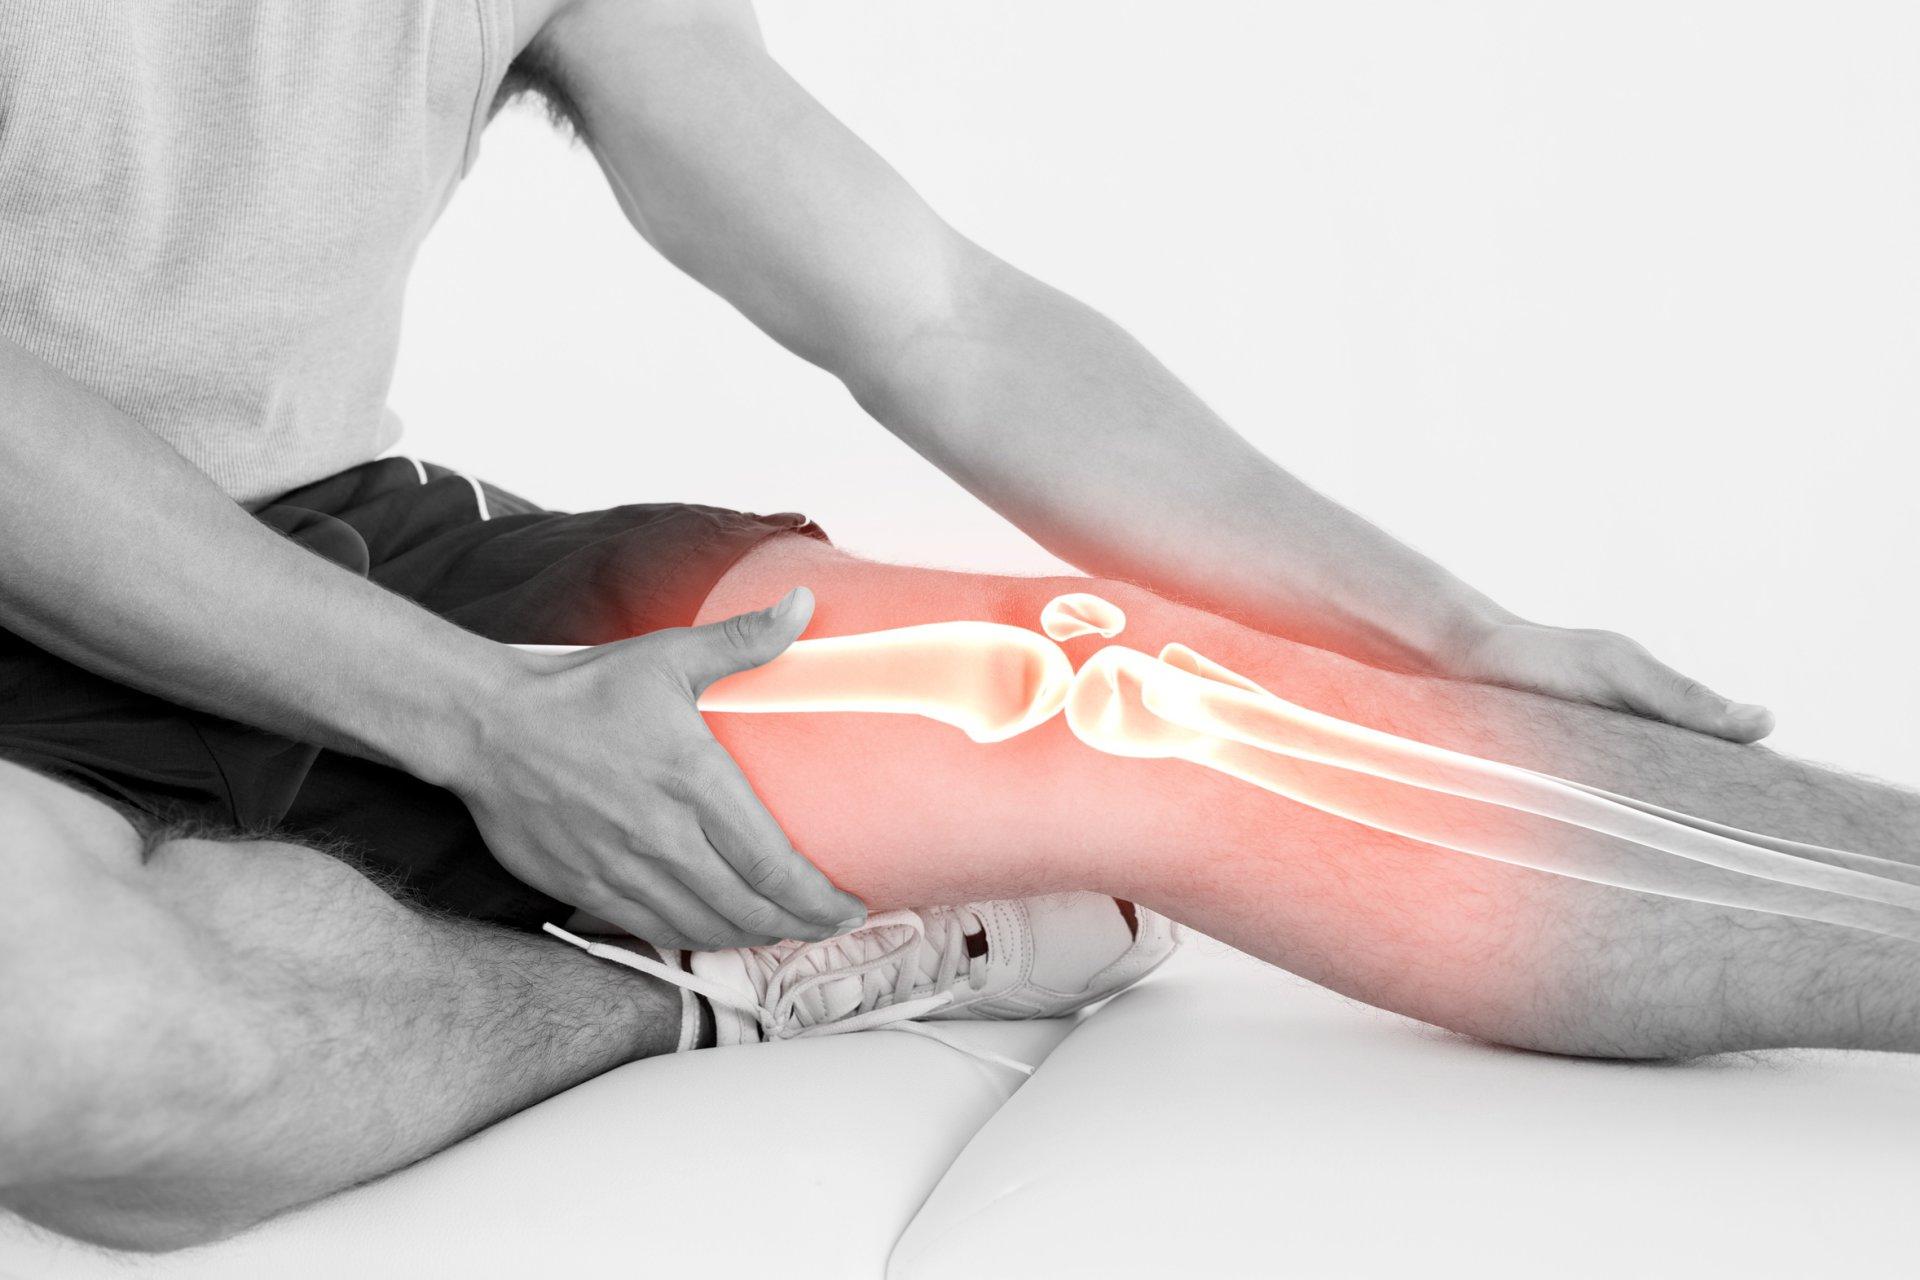 ką daryti su sąnarių skausmas surbing sąnarį į kairės rankos alkūnės